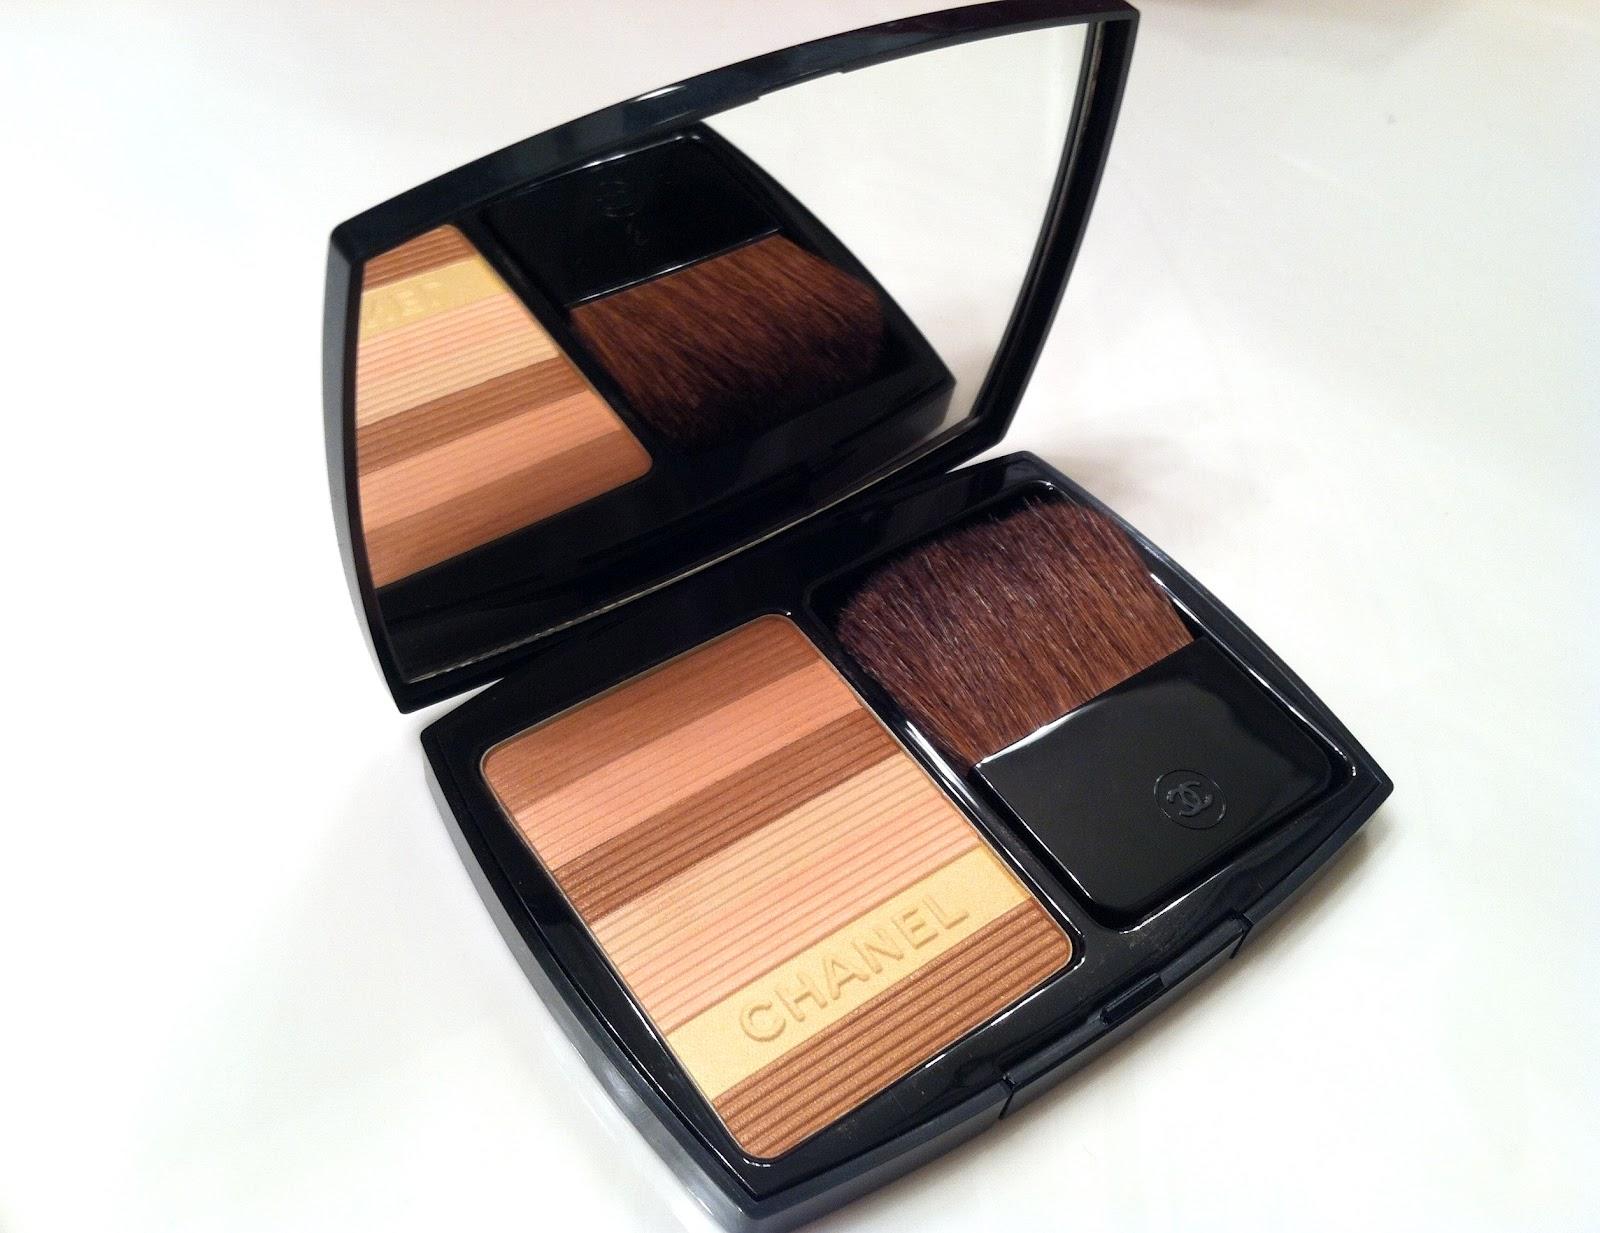 7bed9f9e A Little Beauty Luxury: Chanel Summer 2012 Soleil Tan de Chanel ...